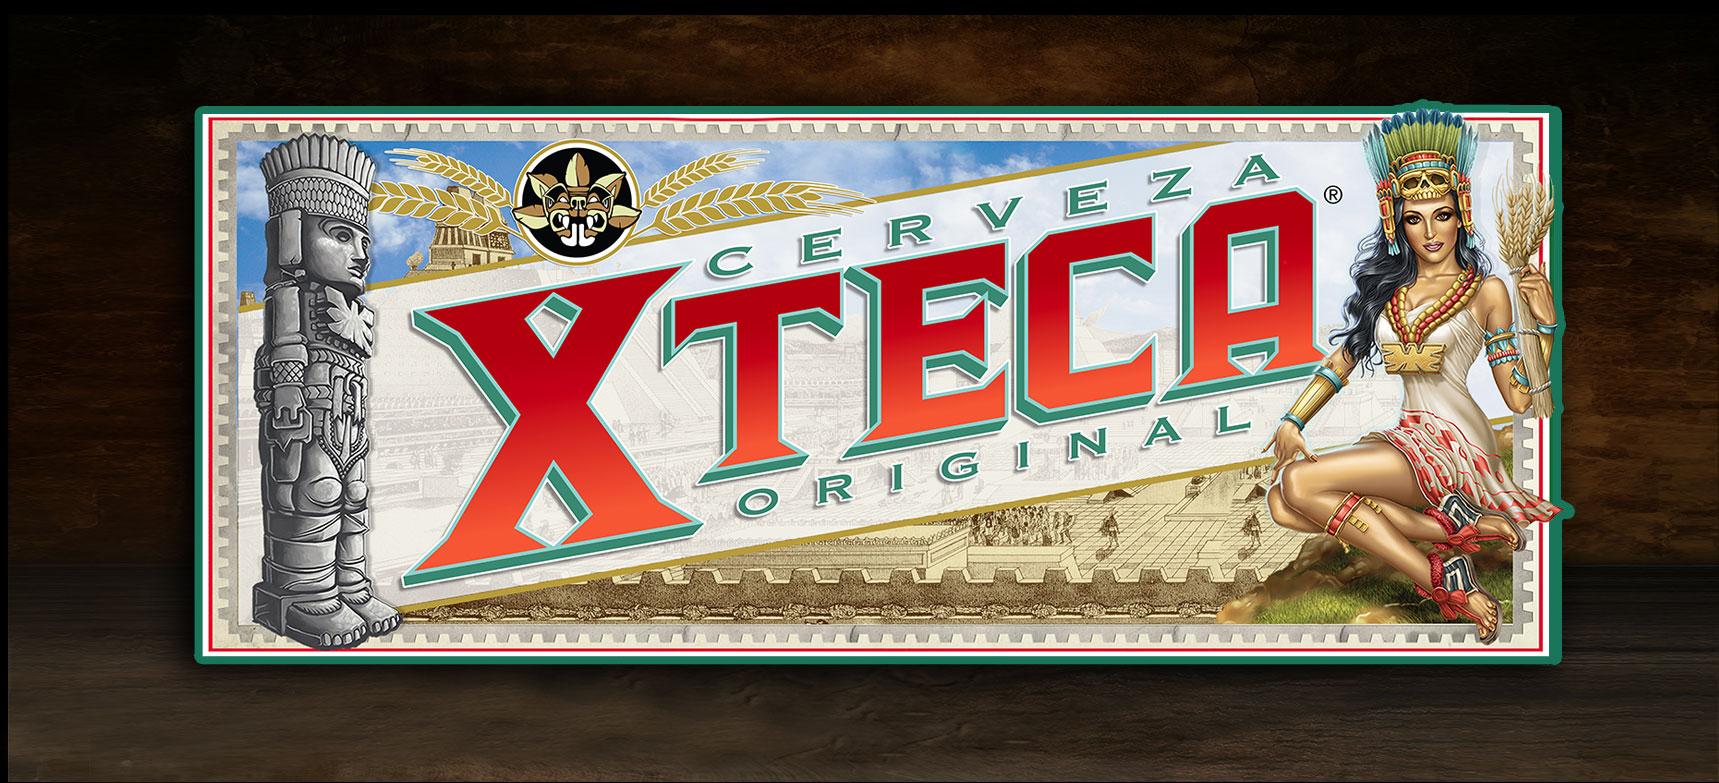 Xteca_Web_SiteMap_03